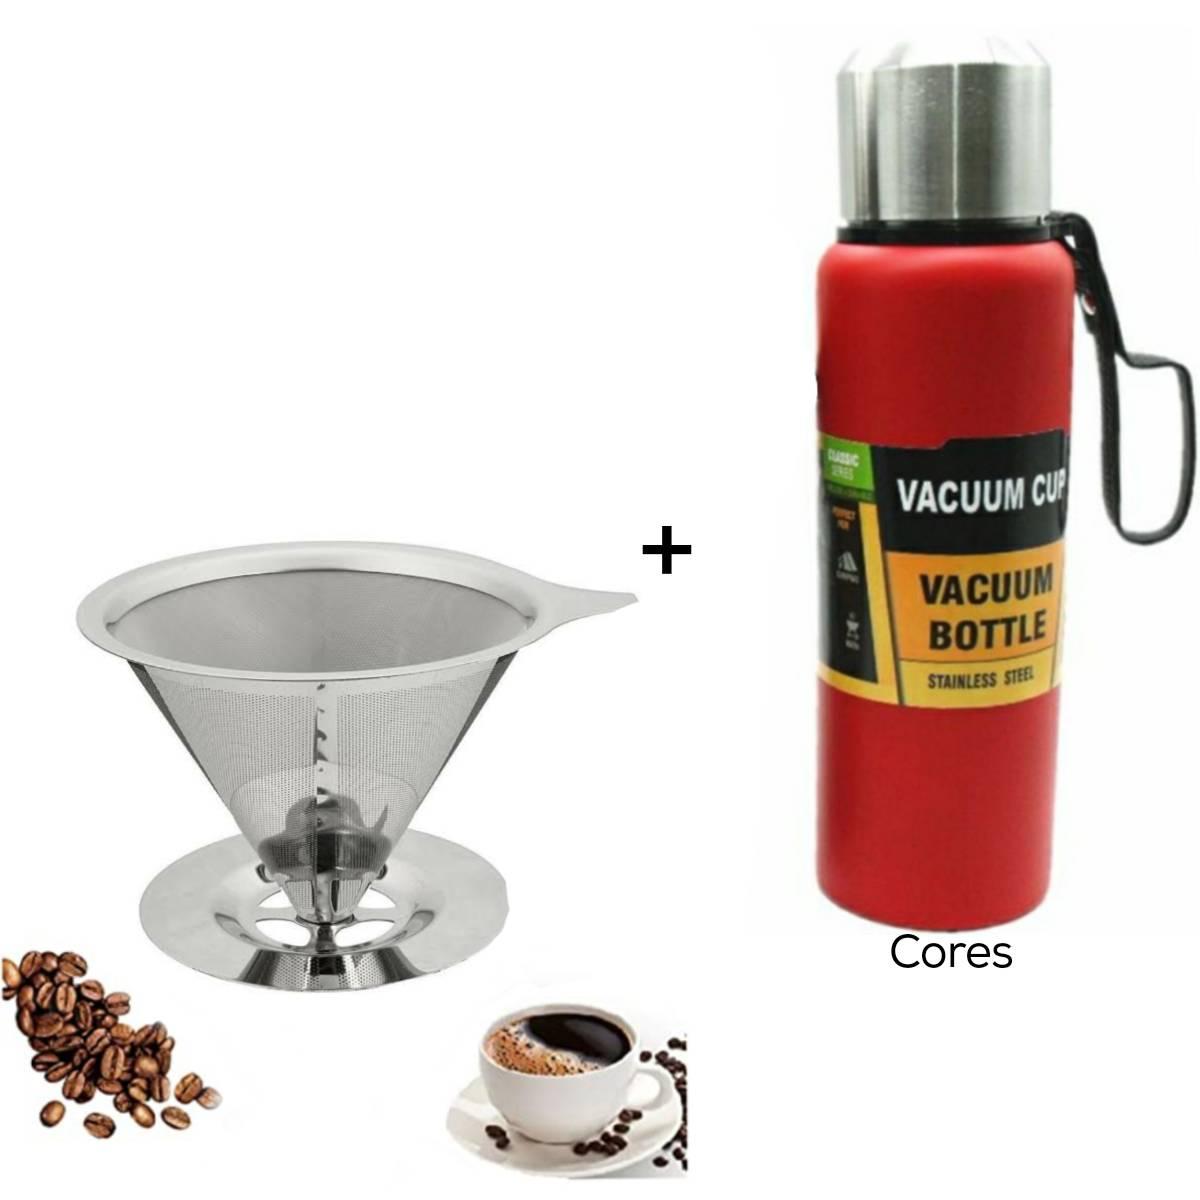 Kit com 1 Coador Inox G e 1 Garrafa Térmica Vacuum Cup 800 ml